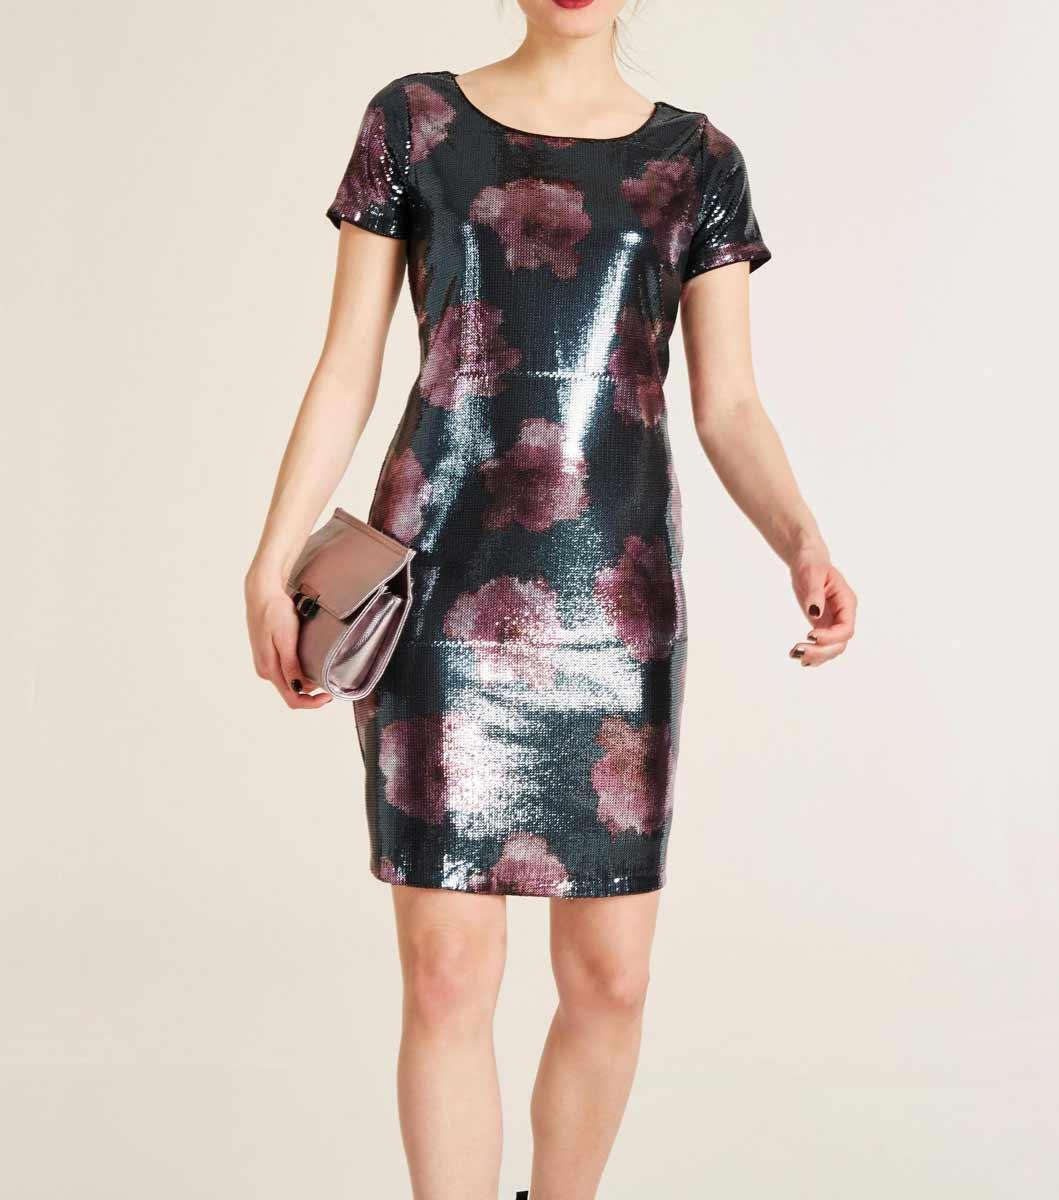 kurzes kleid für besondere anlässe ASHLEY BROOKE Damen Designer-Cocktailkleid m. Pailletten Bunt 998.309 Missforty